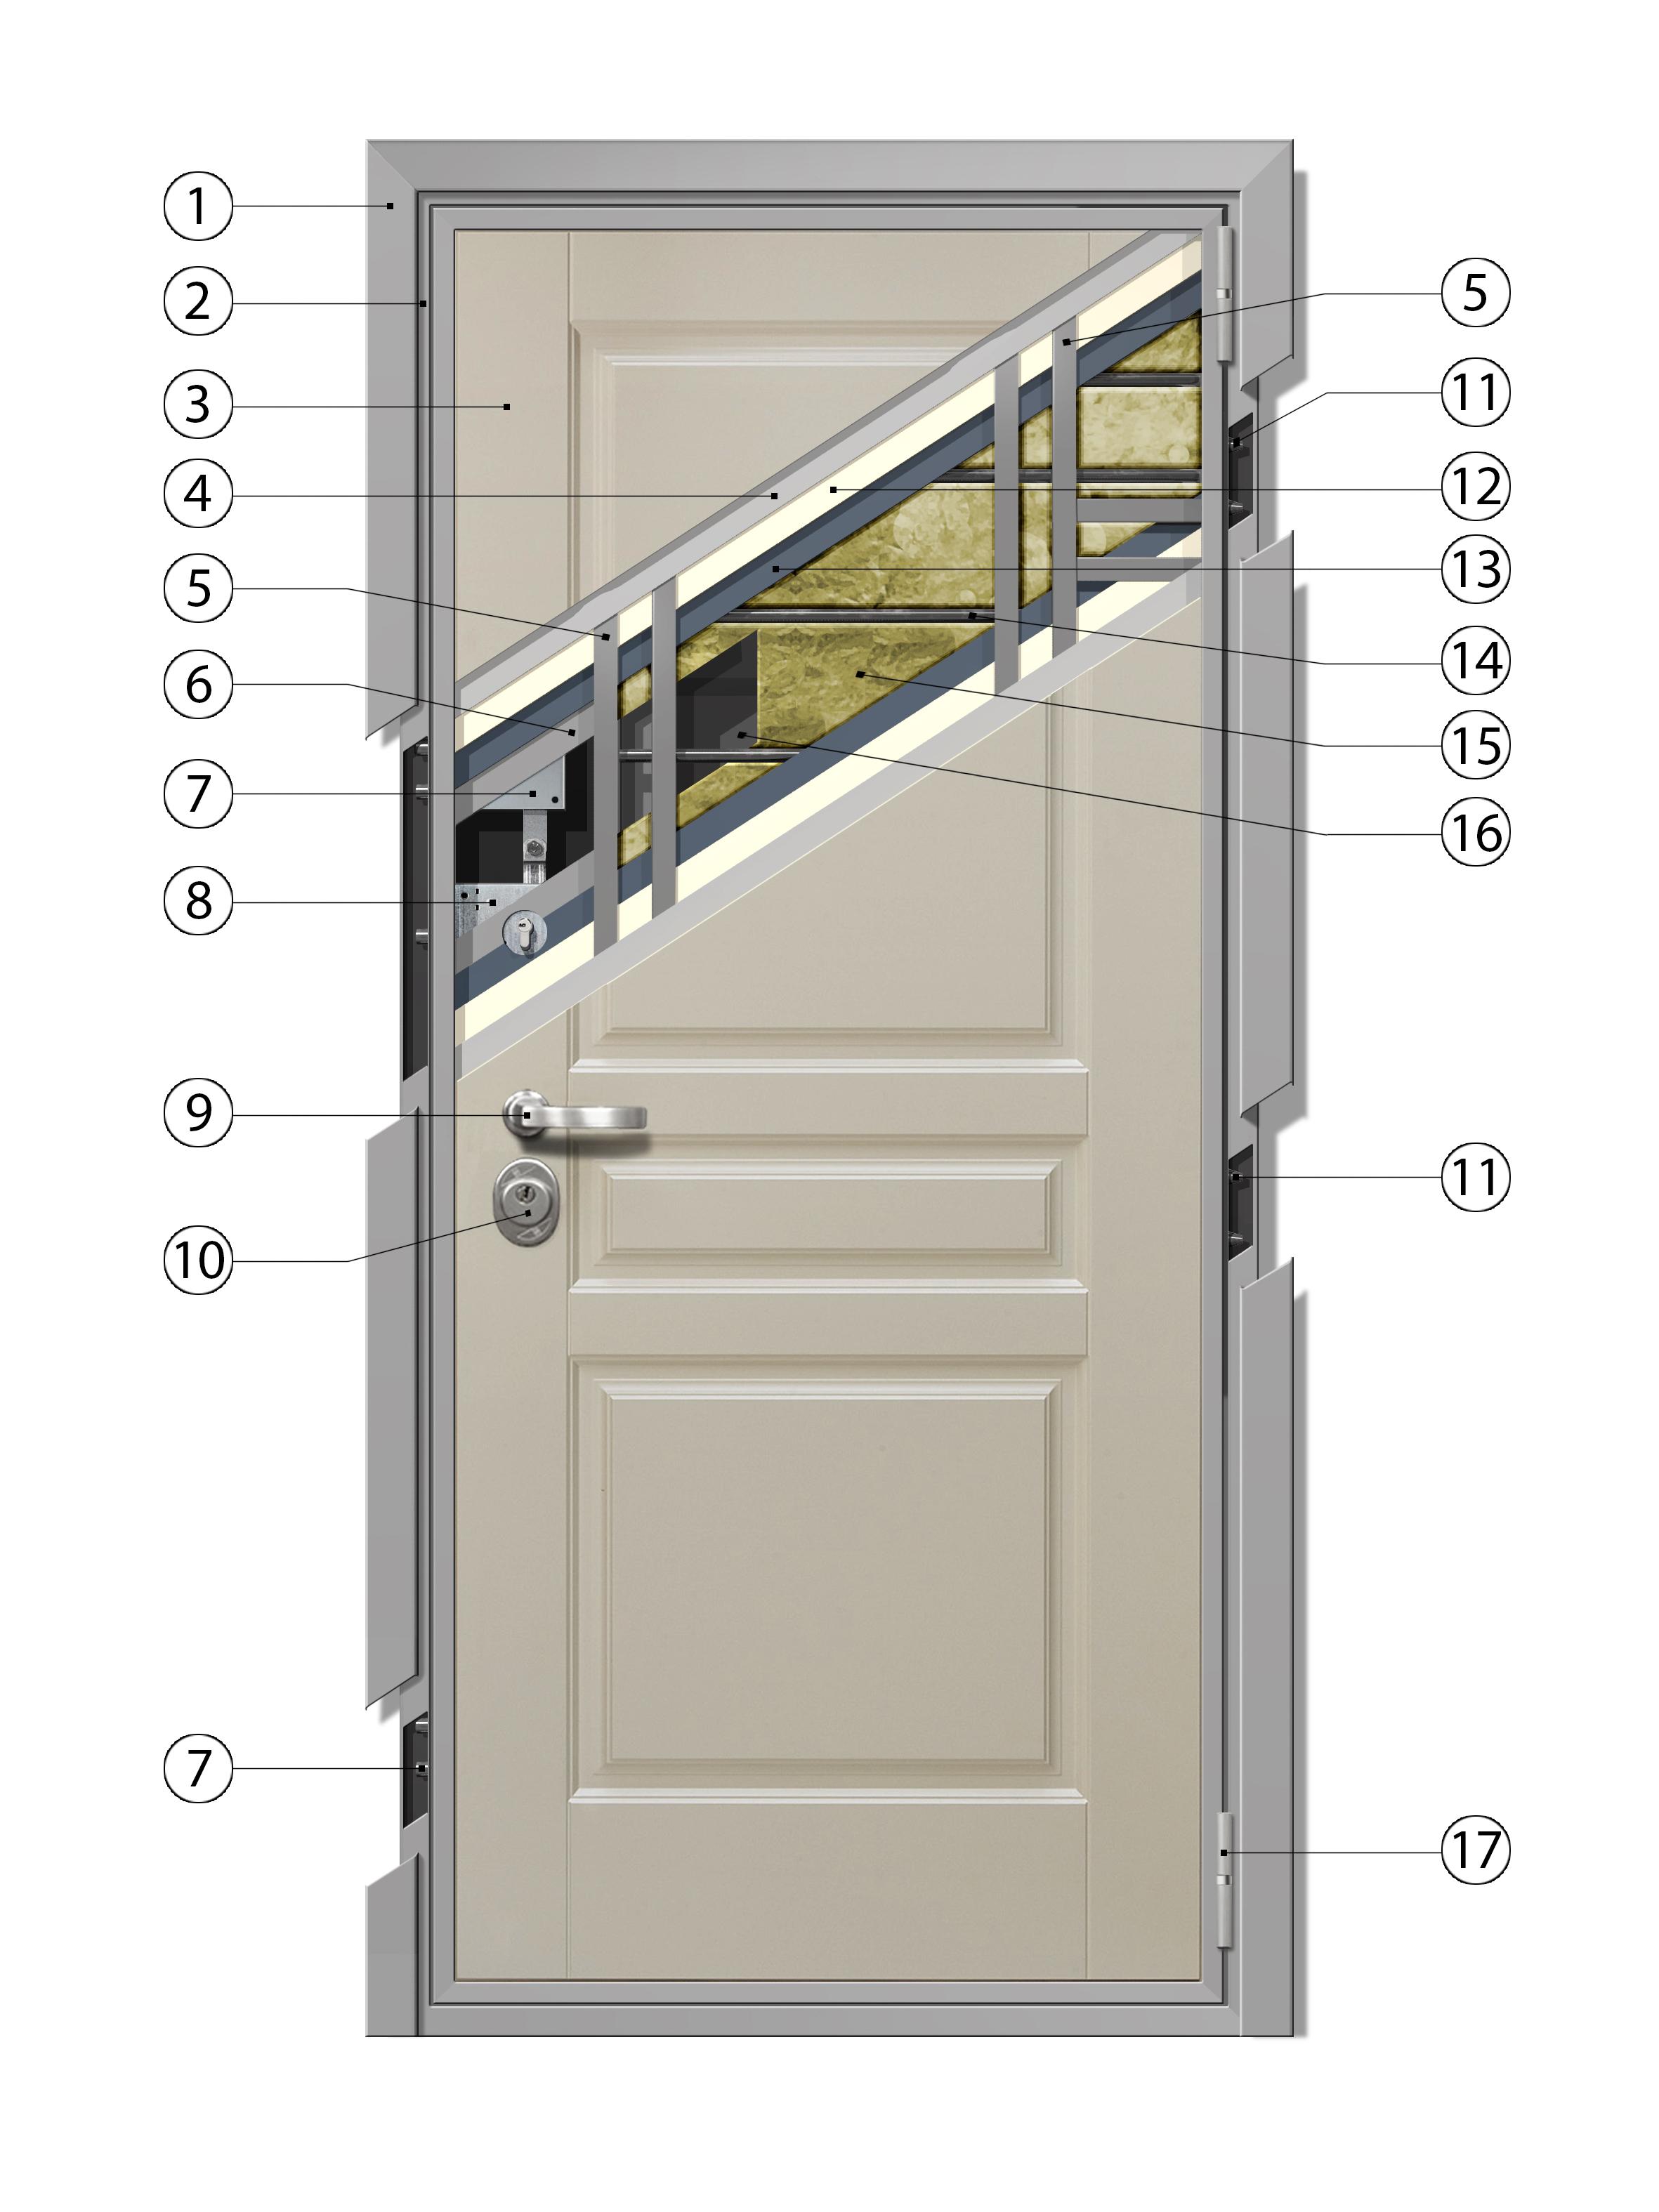 Конструкции повышенной взломостойкости серии K95